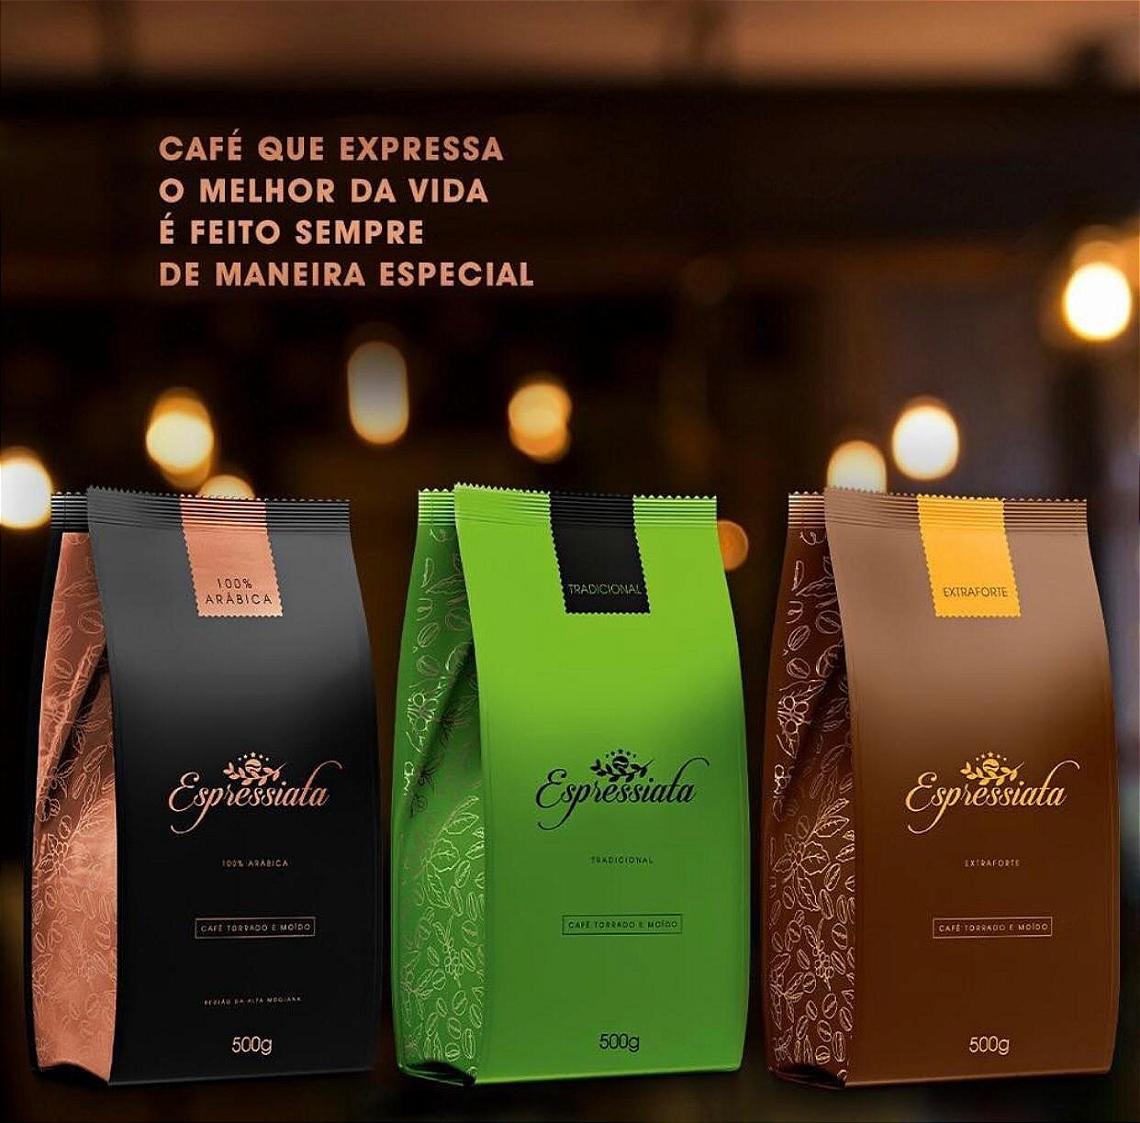 CAFÉ ESPRESSIATA